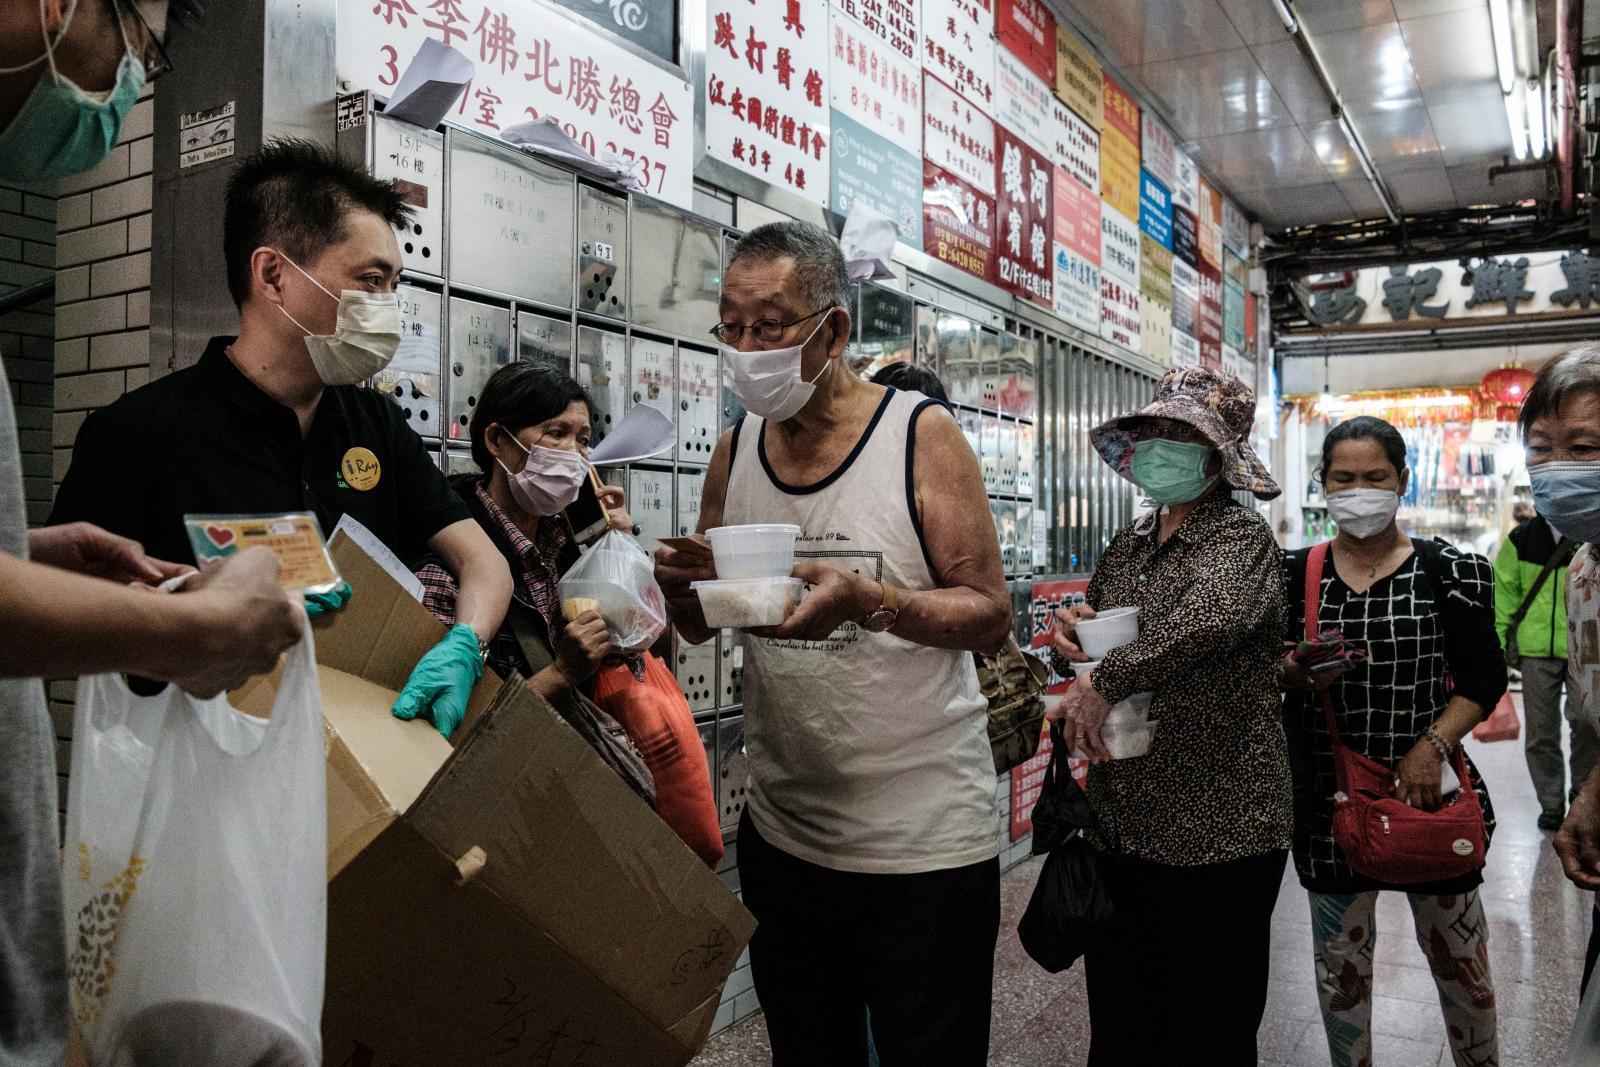 มหาเศรษฐีฮ่องกง แจกหน้ากาก 10 ล้านชิ้น หวังช่วยผู้ด้อยโอกาส-รายได้น้อย